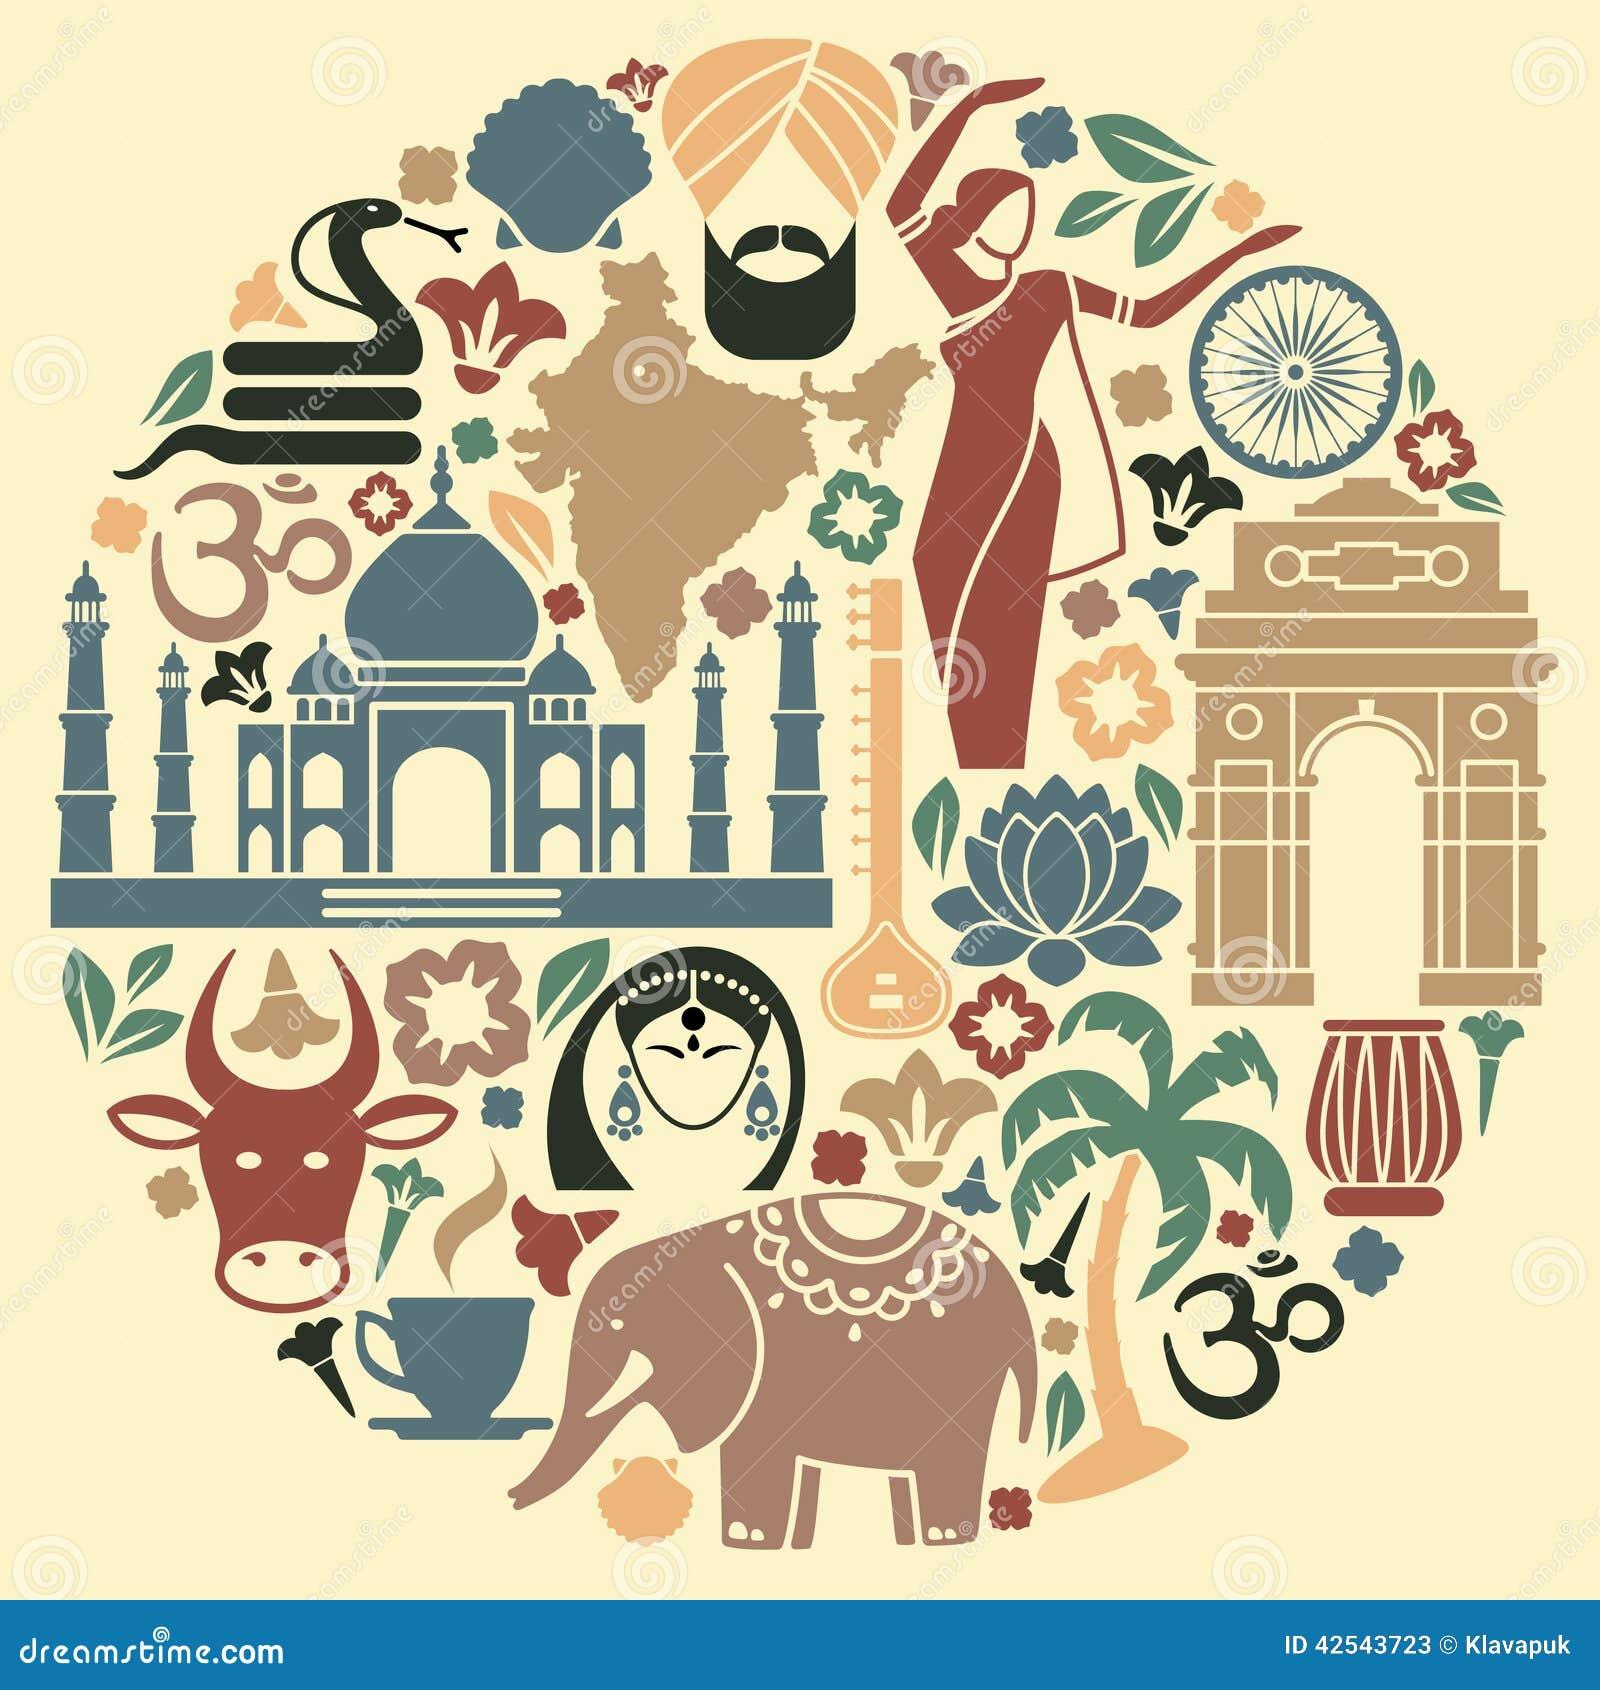 Pictogrammen van India in de vorm van een cirkel